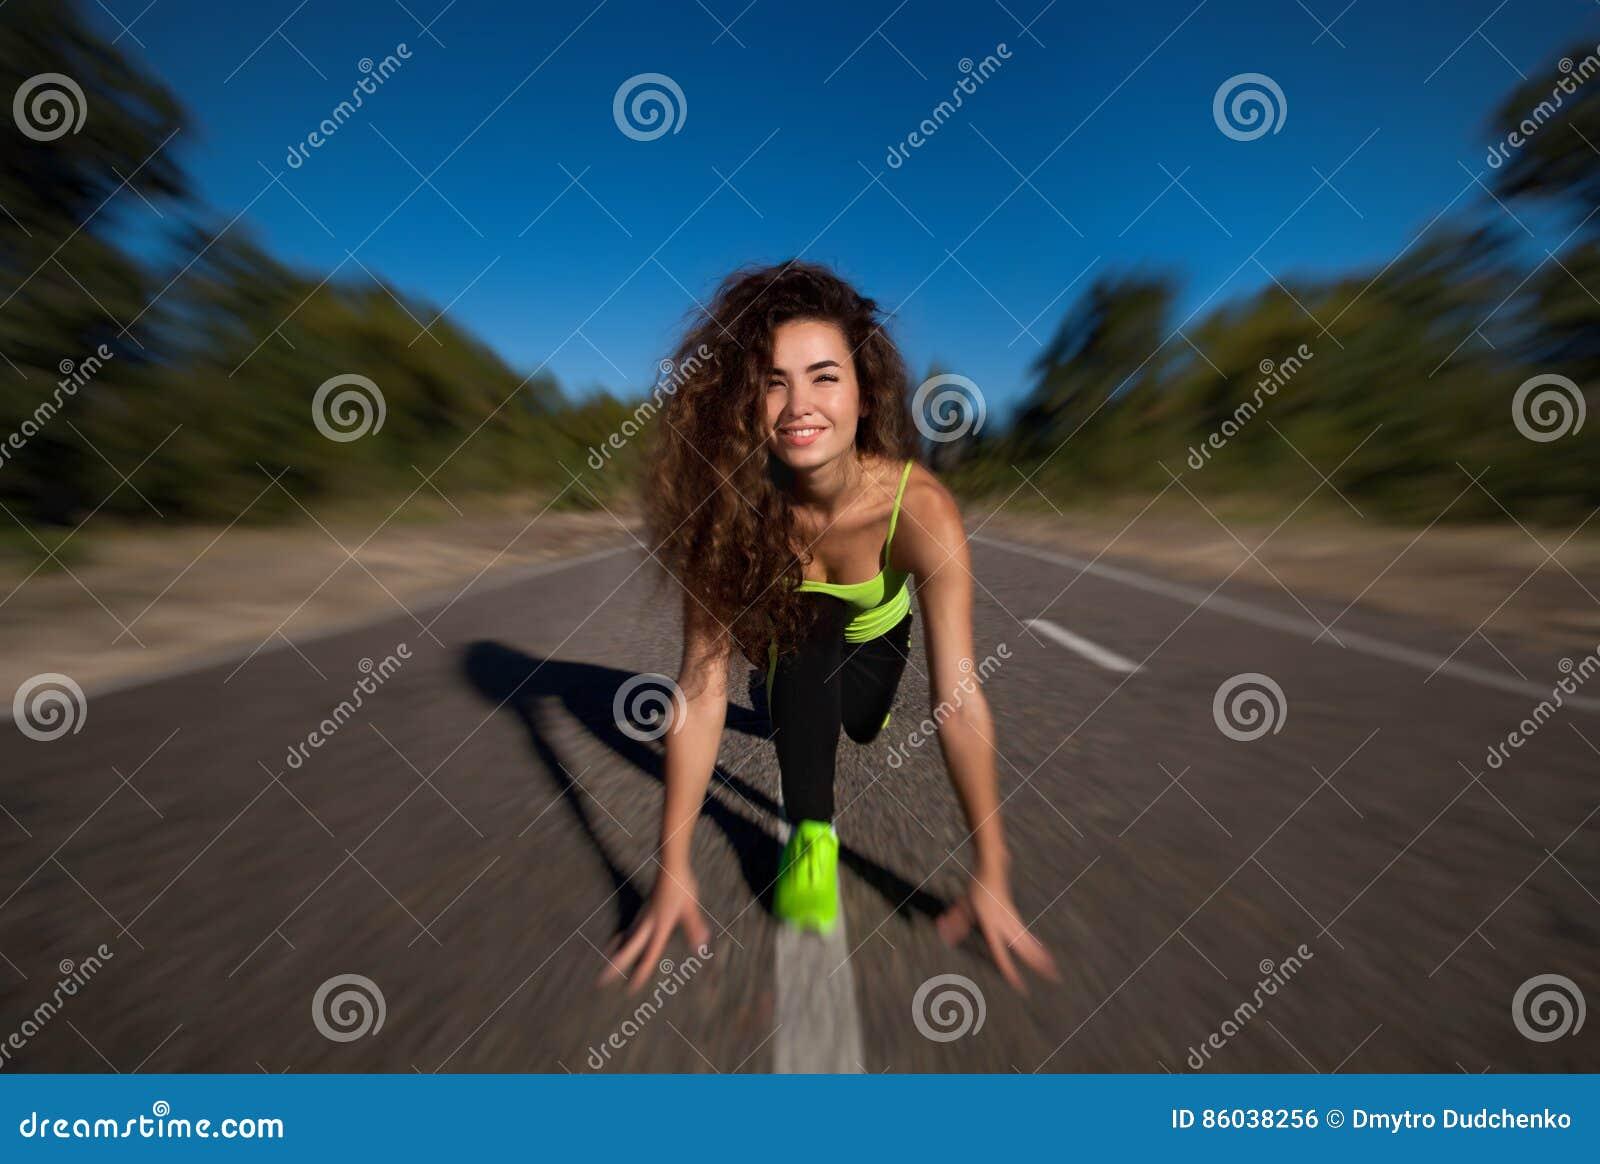 Ελκυστικός σγουρός αθλητής κοριτσιών που κάνει τις ασκήσεις πρωινού έξω